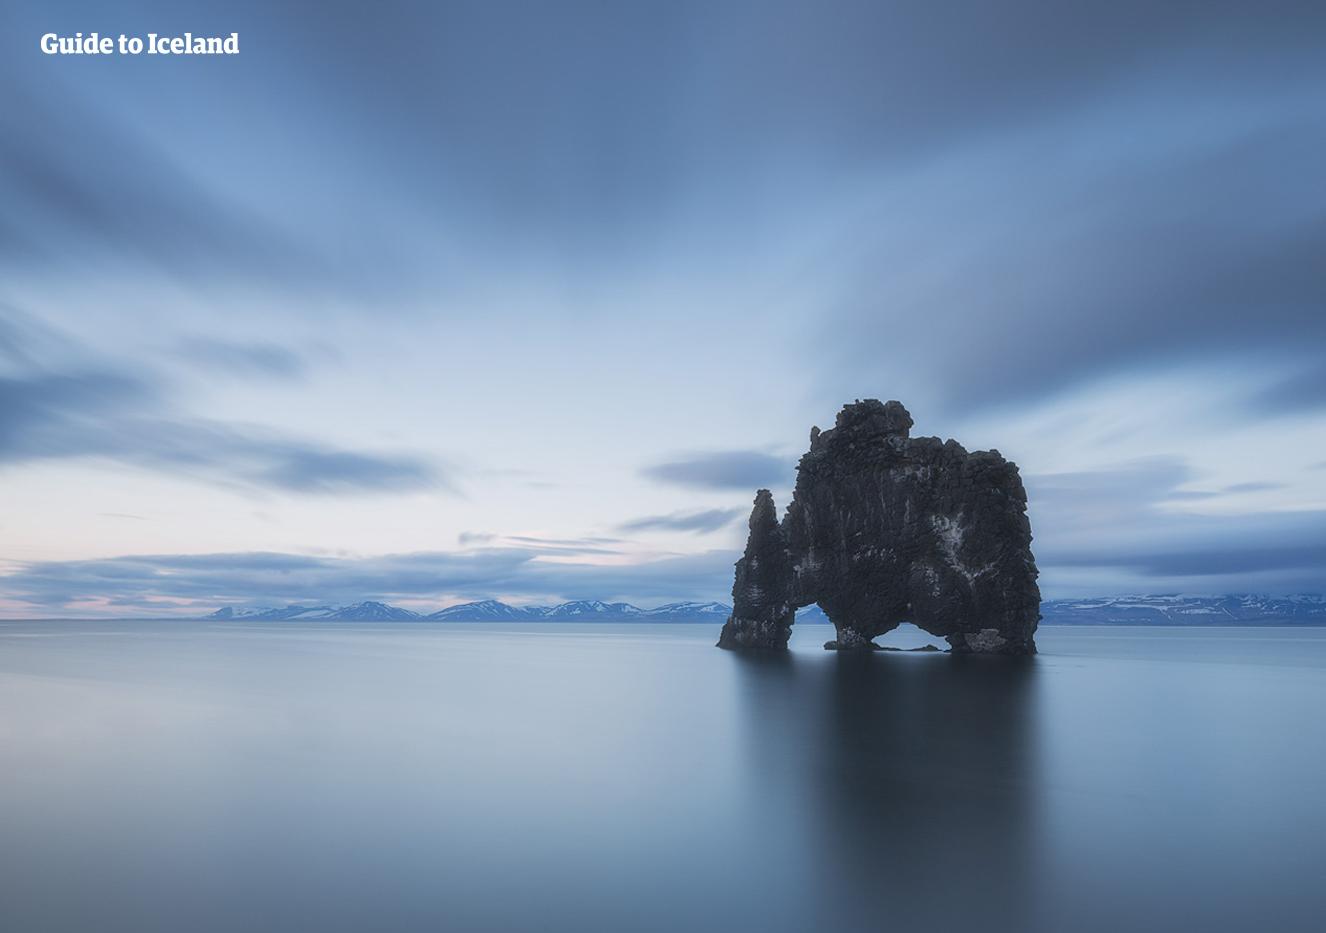 Кольцевая дорога Исландии и полуостров Снайфелльснес | 10-дневный зимний пакетный тур - day 7